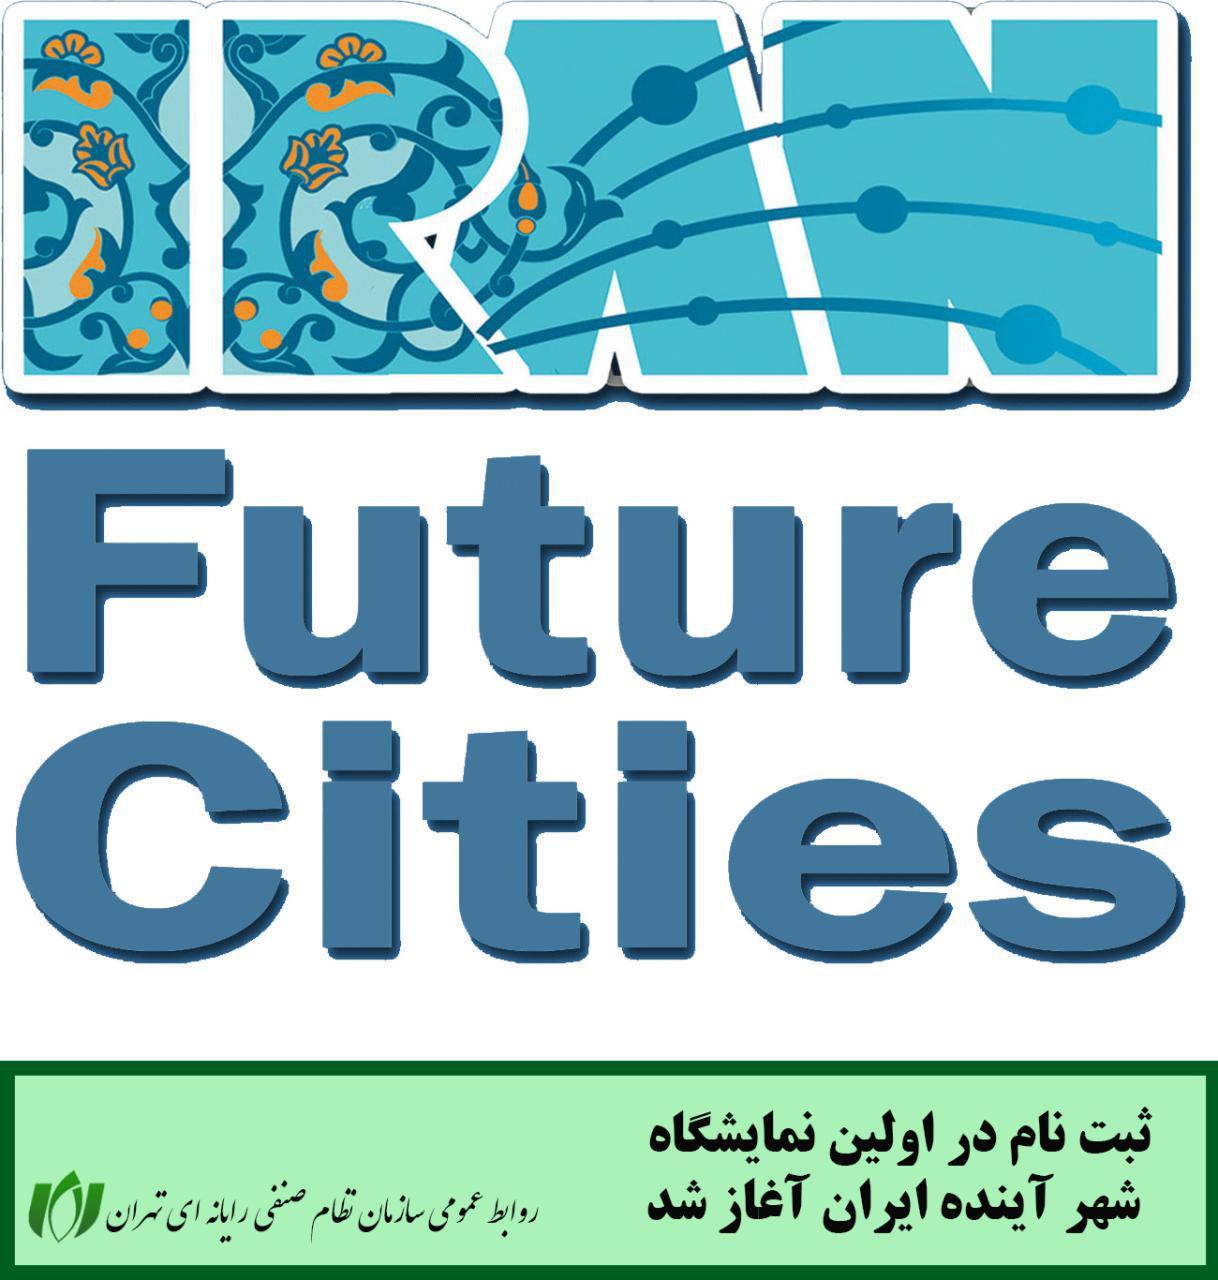 ثبت نام در اولین نمایشگاه شهر آینده ایران آغاز شد